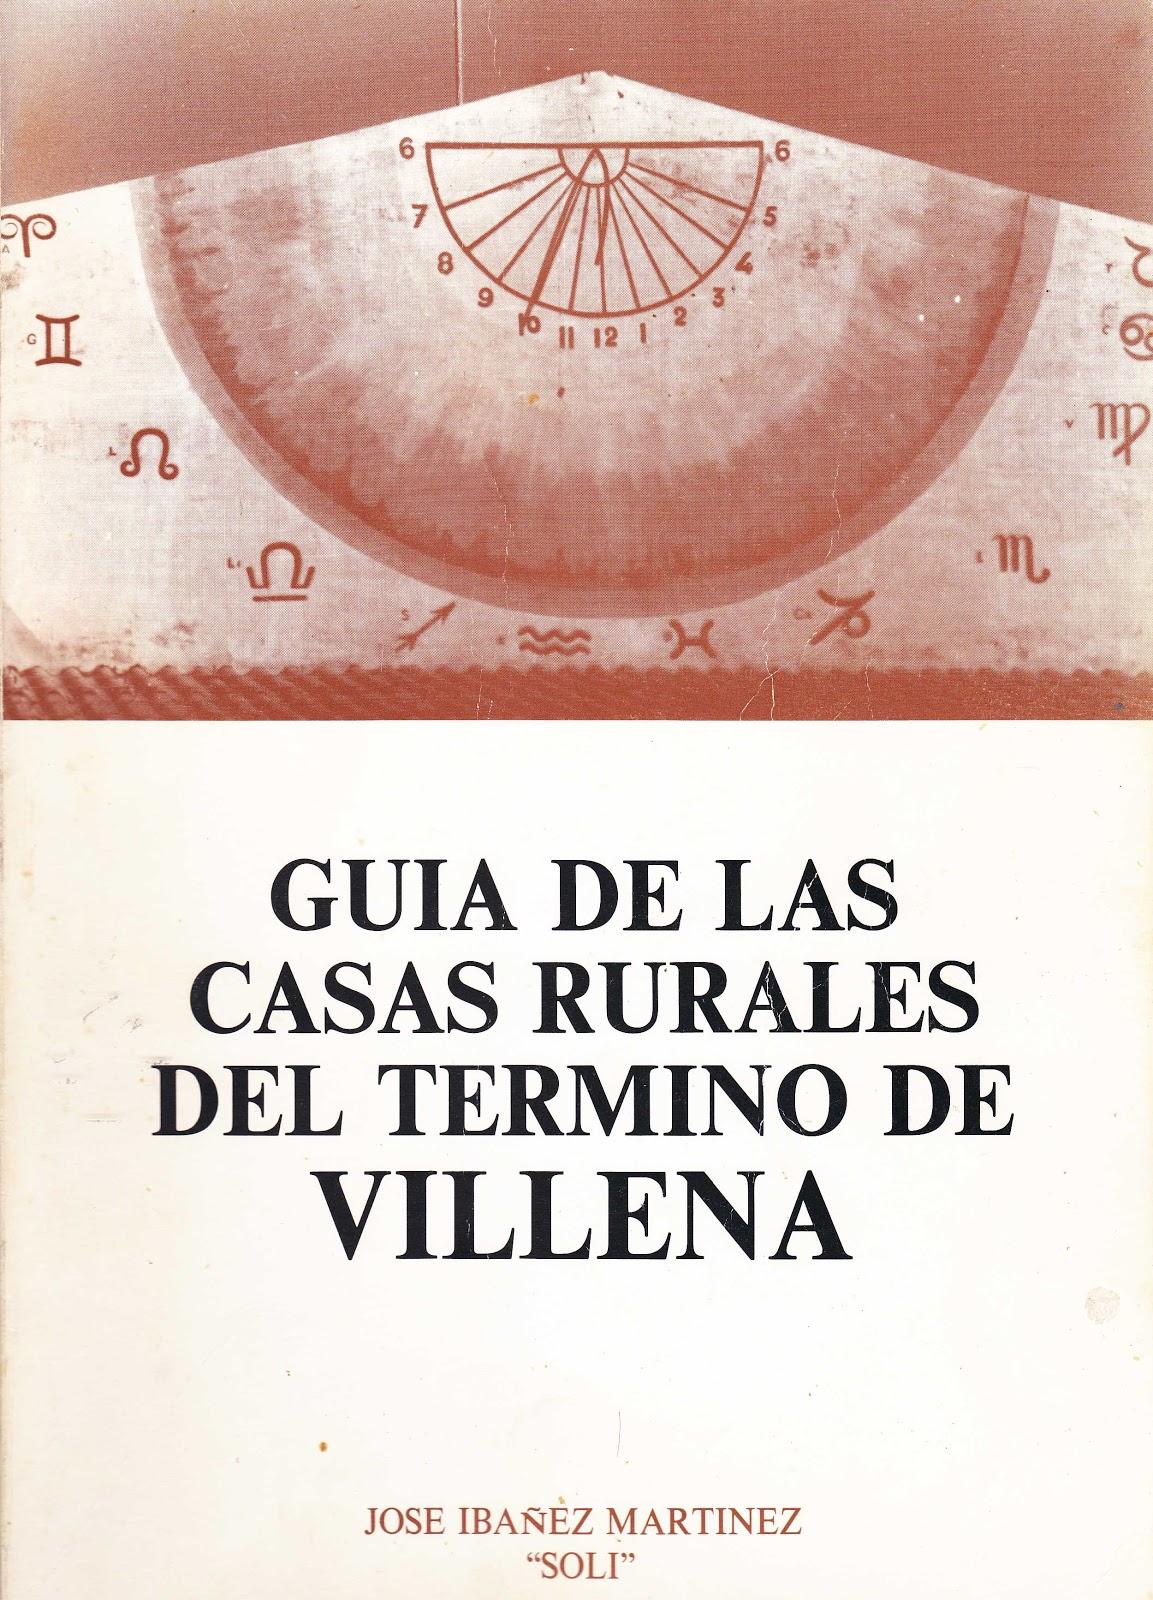 Villena cu ntame gu a de las casas rurales de villena - Trabajo en casas rurales ...